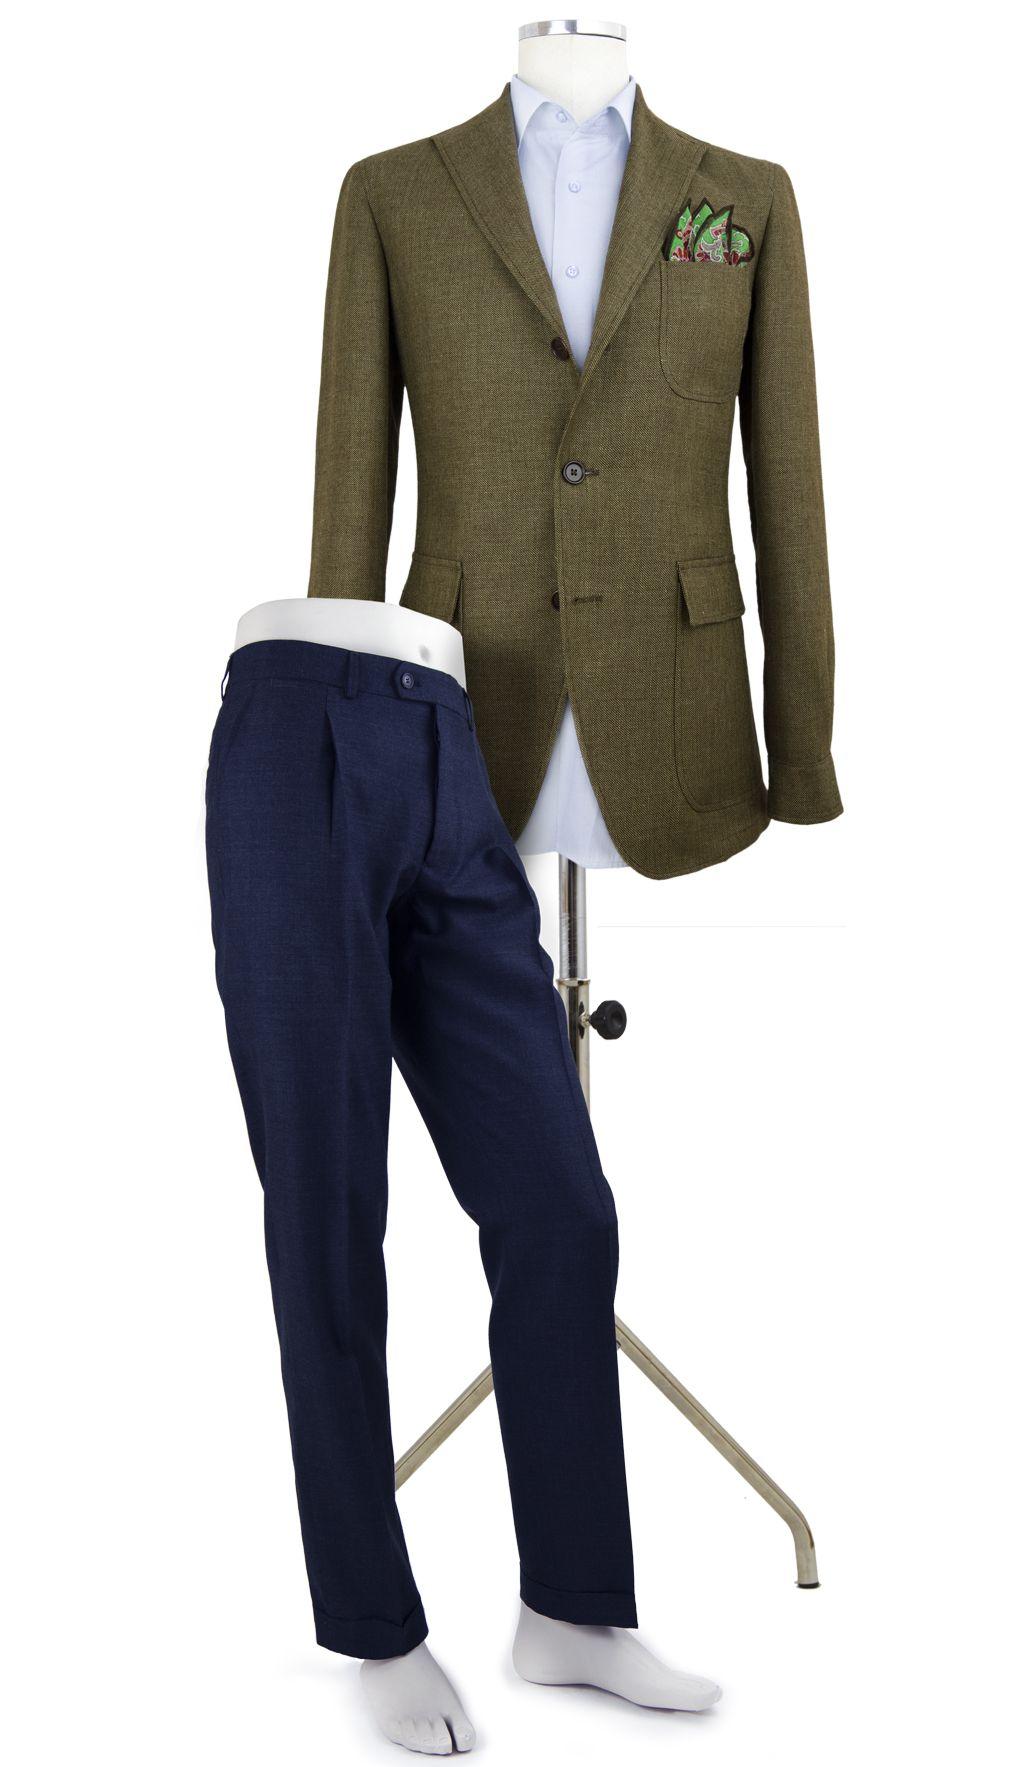 Tebas Caballero TB01 8140      52% Lino, 48% Lana     Color Verde Bosque     Tipo de tejido:Sport  Pantalón P1PR FRESCO BR AZUL      25% Terylene y 75% Lana     Color Azul     Tipo de tejido:Vestir